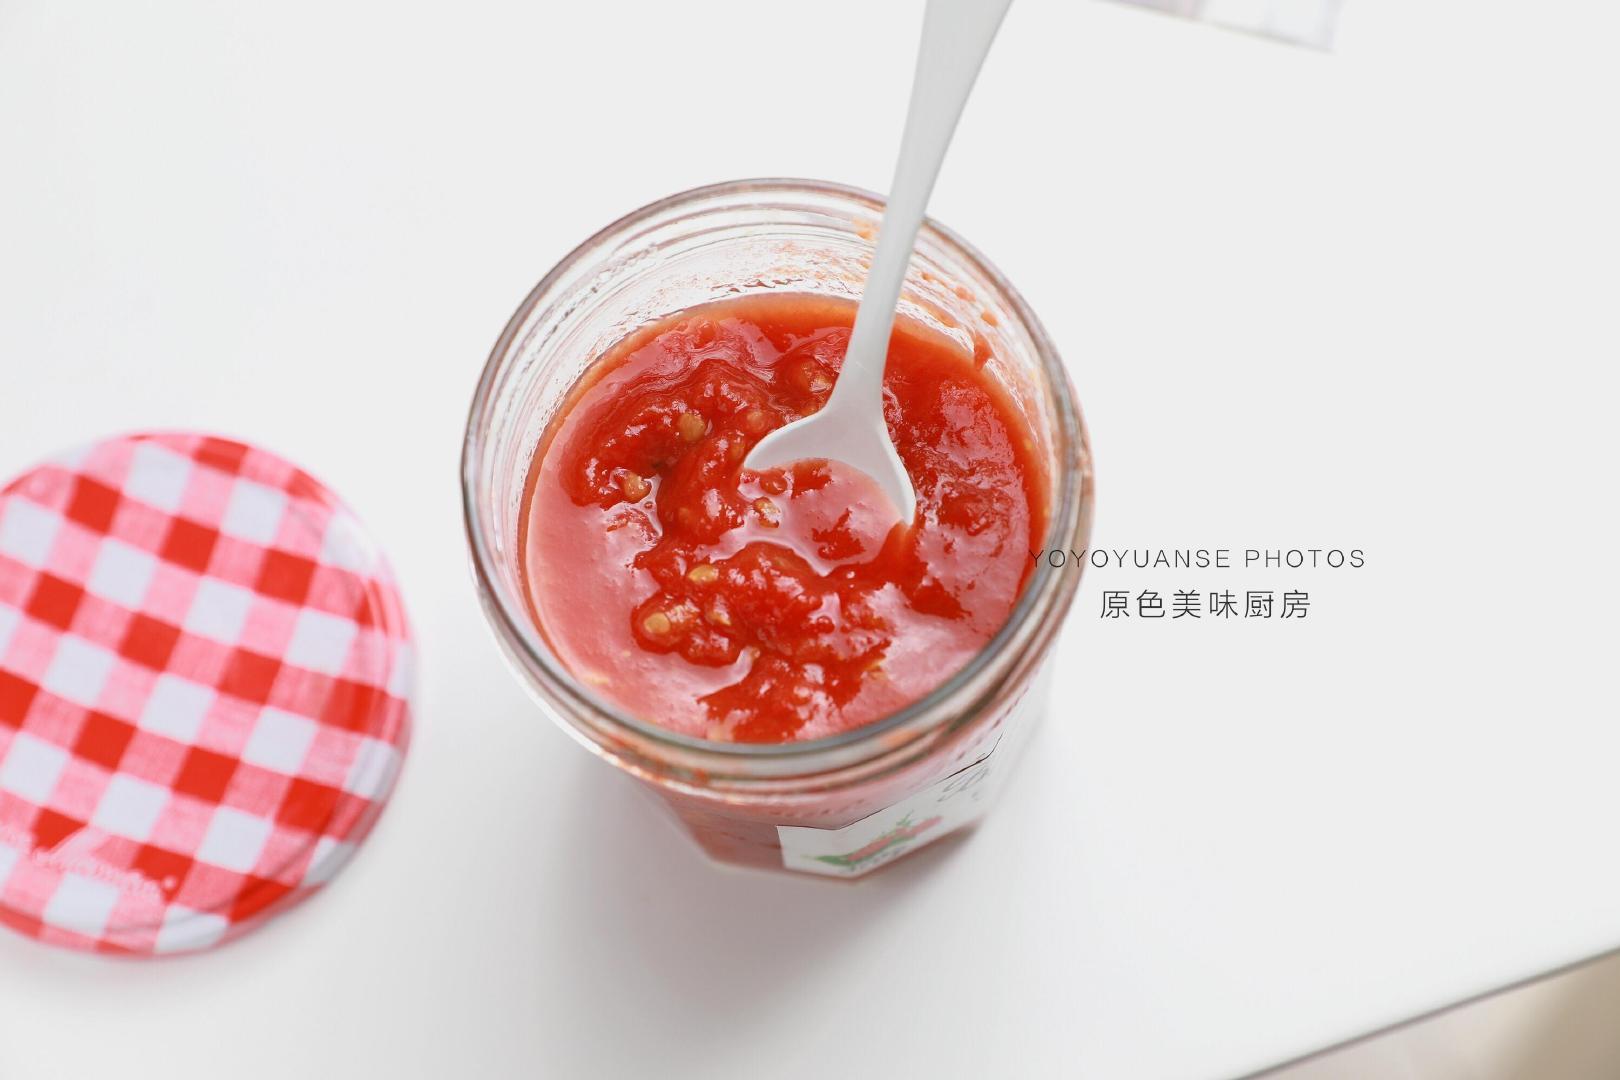 自制无添加蕃茄酱,酸甜可口又开胃,做法特别简单